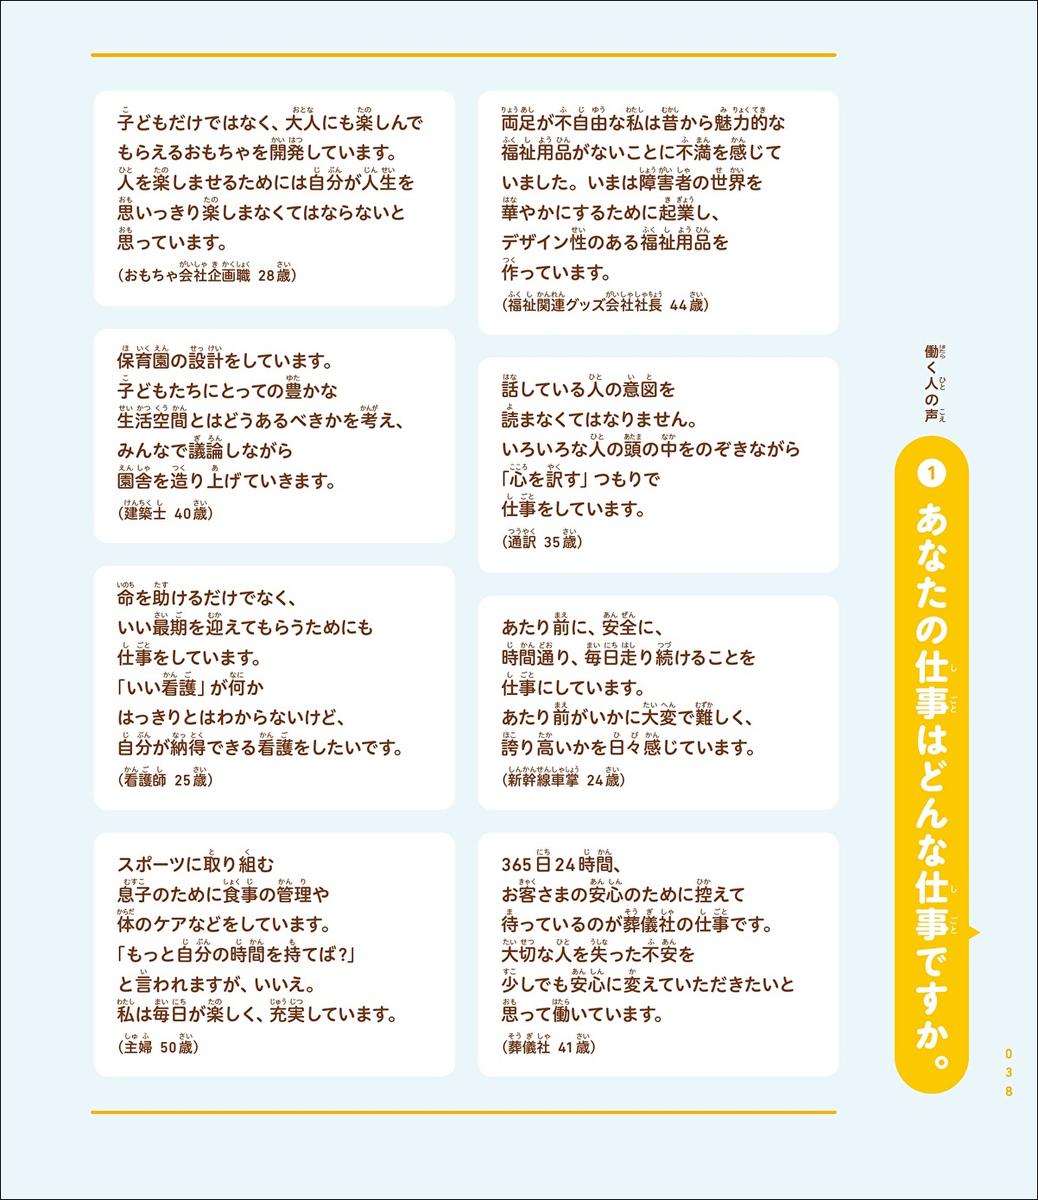 f:id:mojiru:20200323091315j:plain